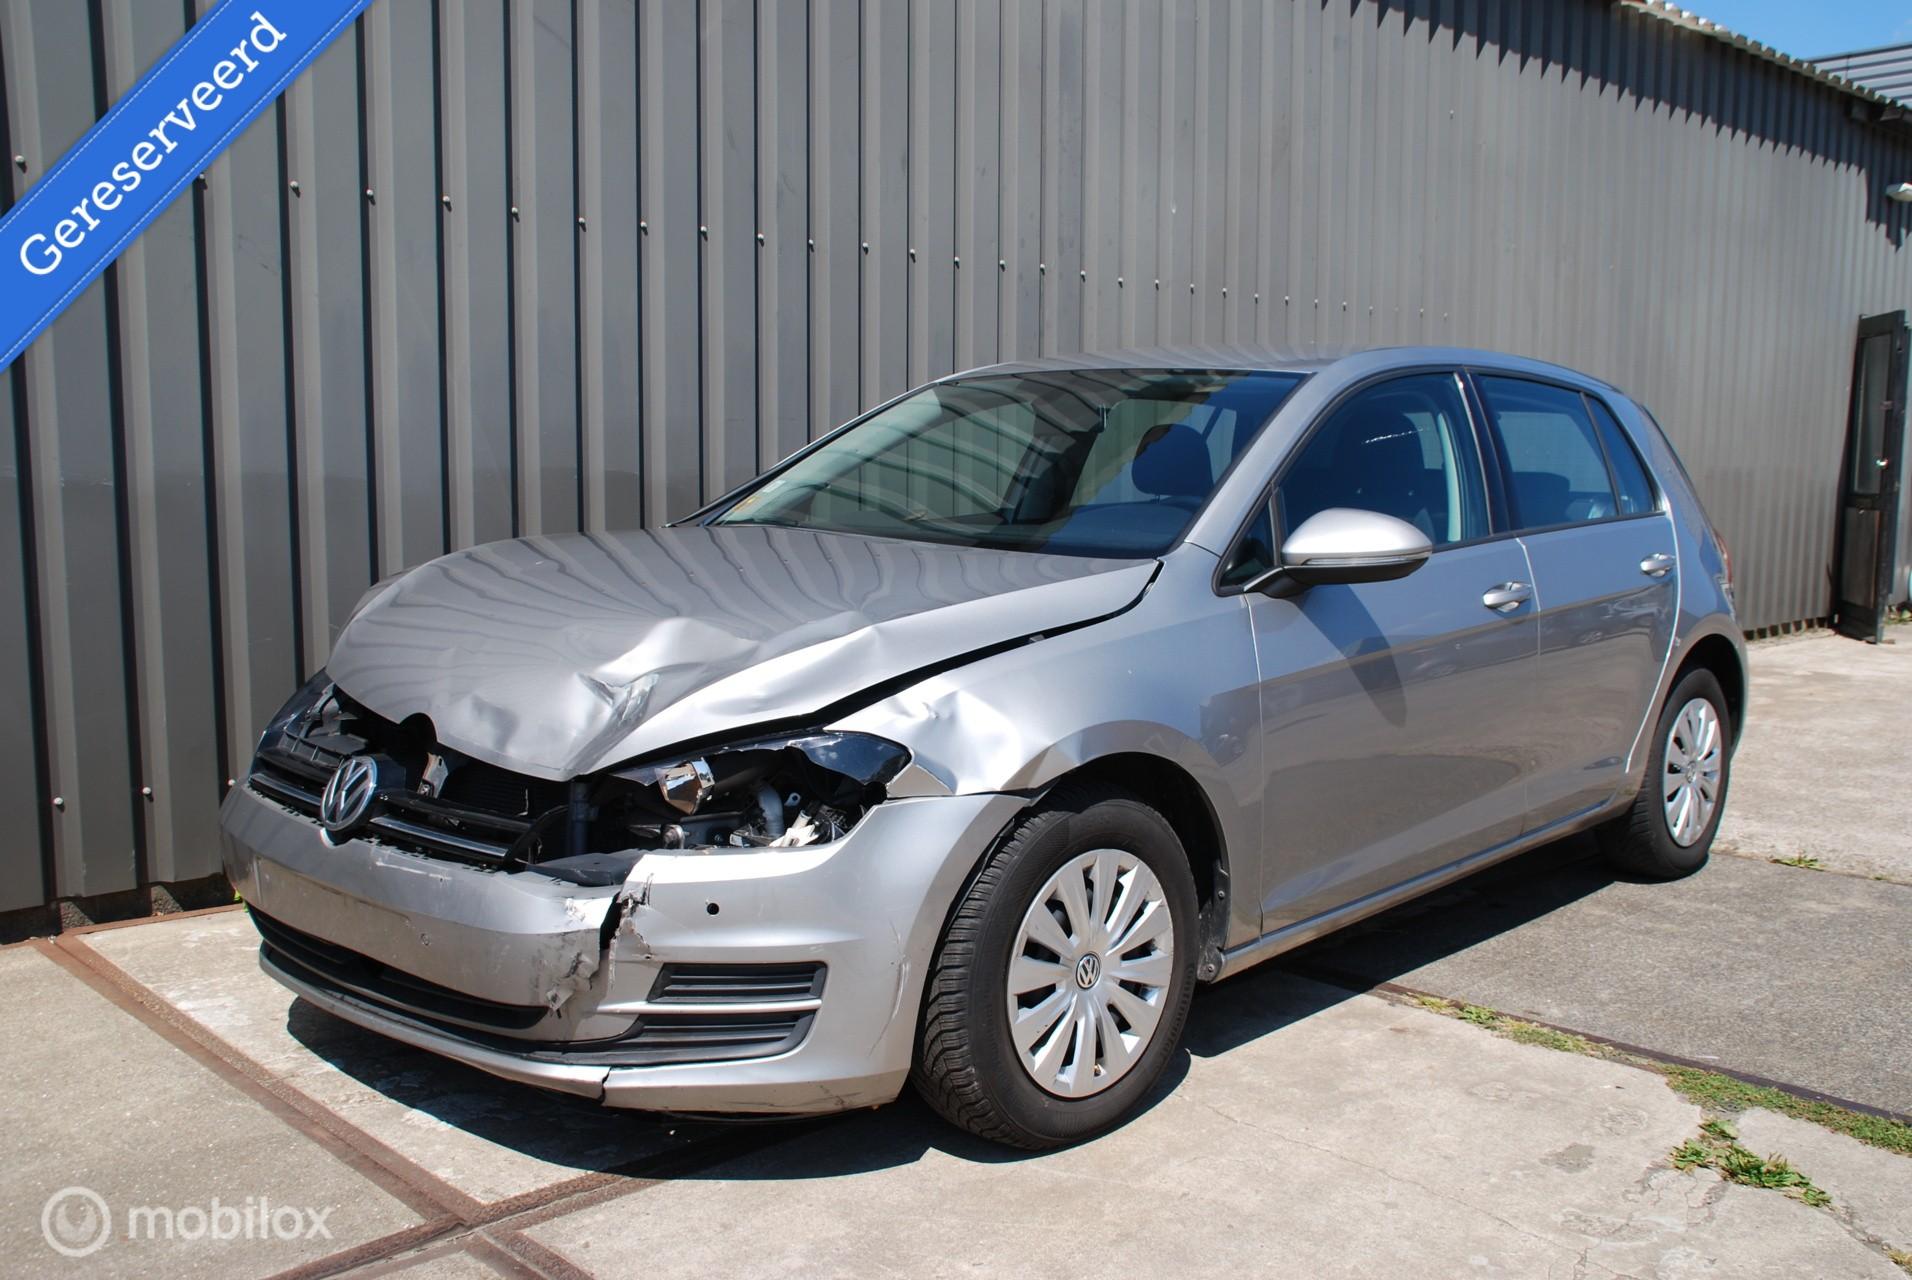 Volkswagen Golf 7 1.6 tdi Trendline